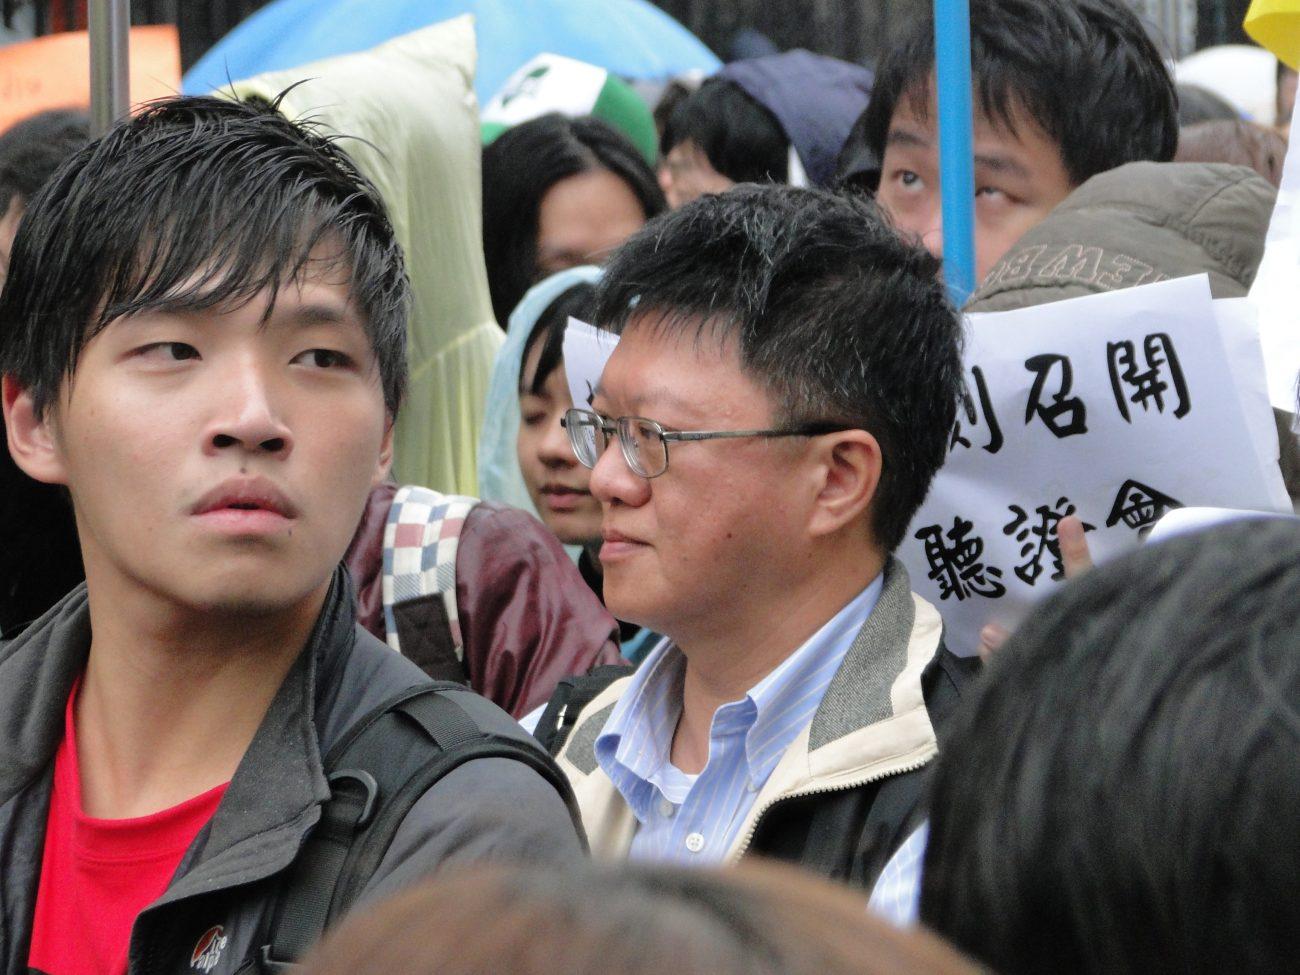 Chen Wei-ting Studentenführer Taiwan